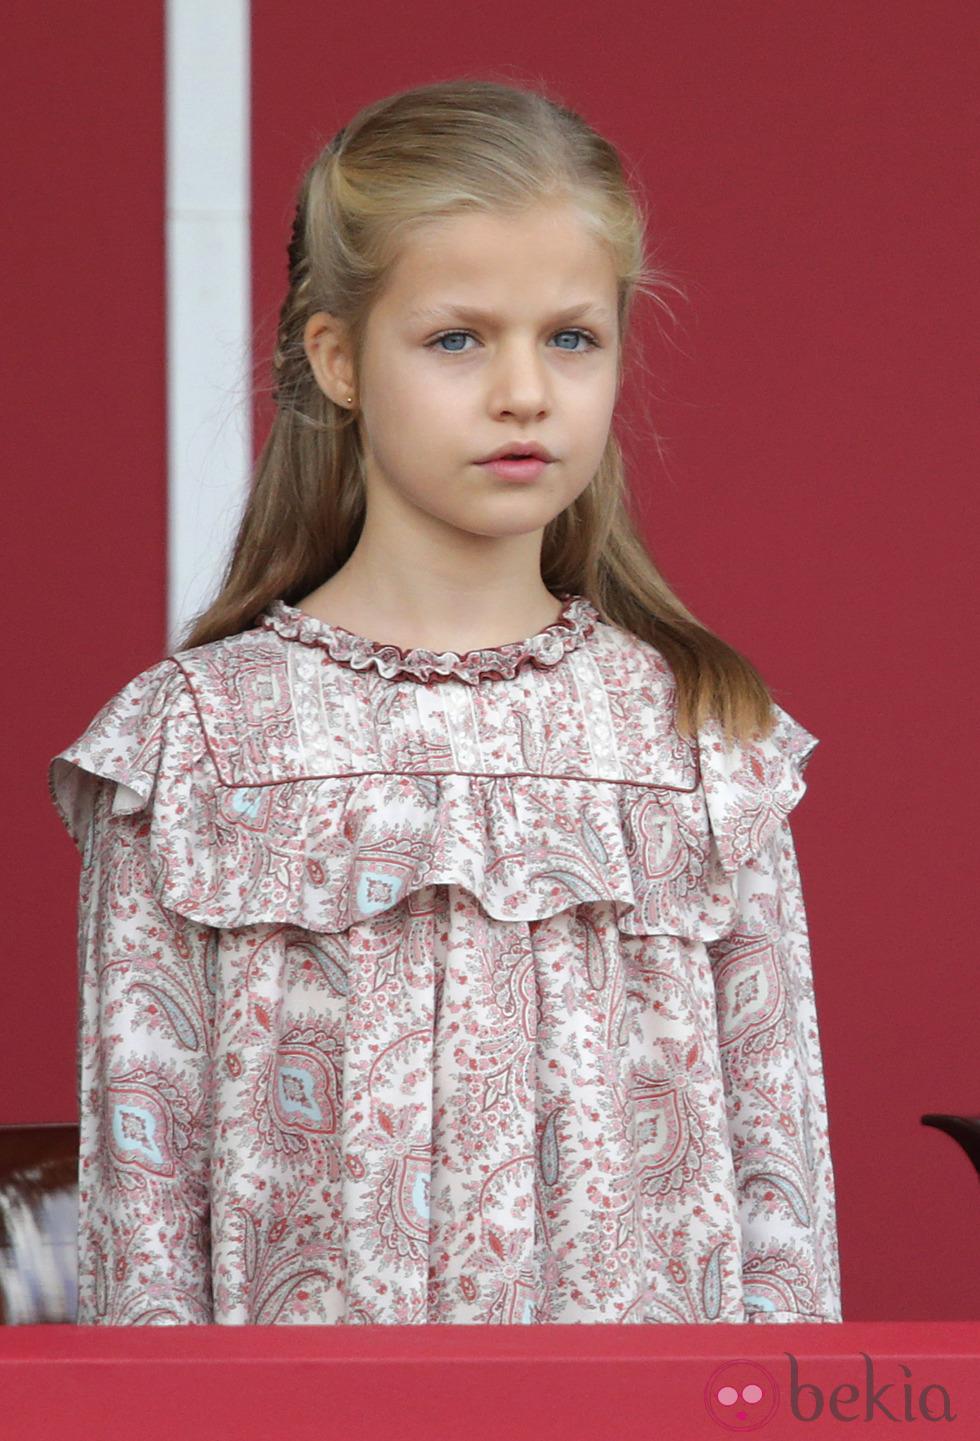 64891_princesa-leonor-primer-dia-hispanidad